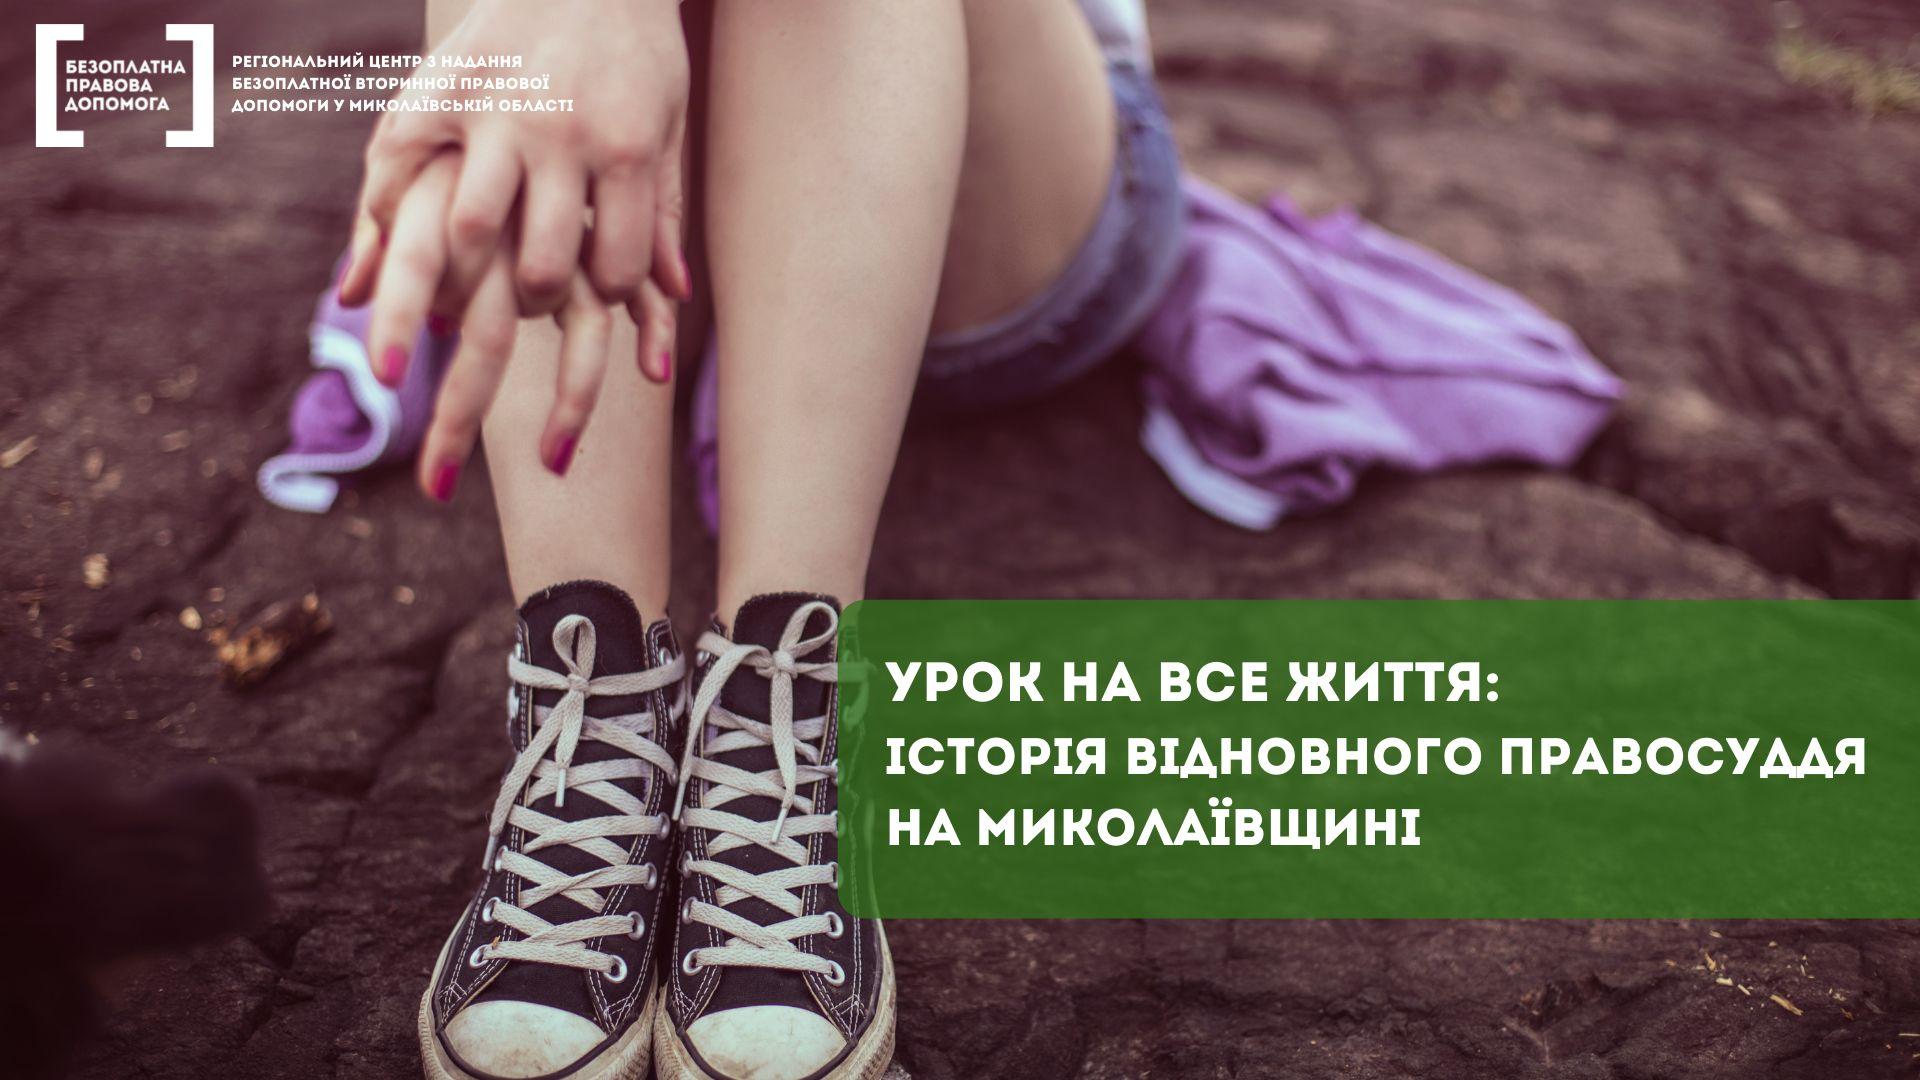 Урок на все життя: історія відновного правосуддя на Миколаївщині